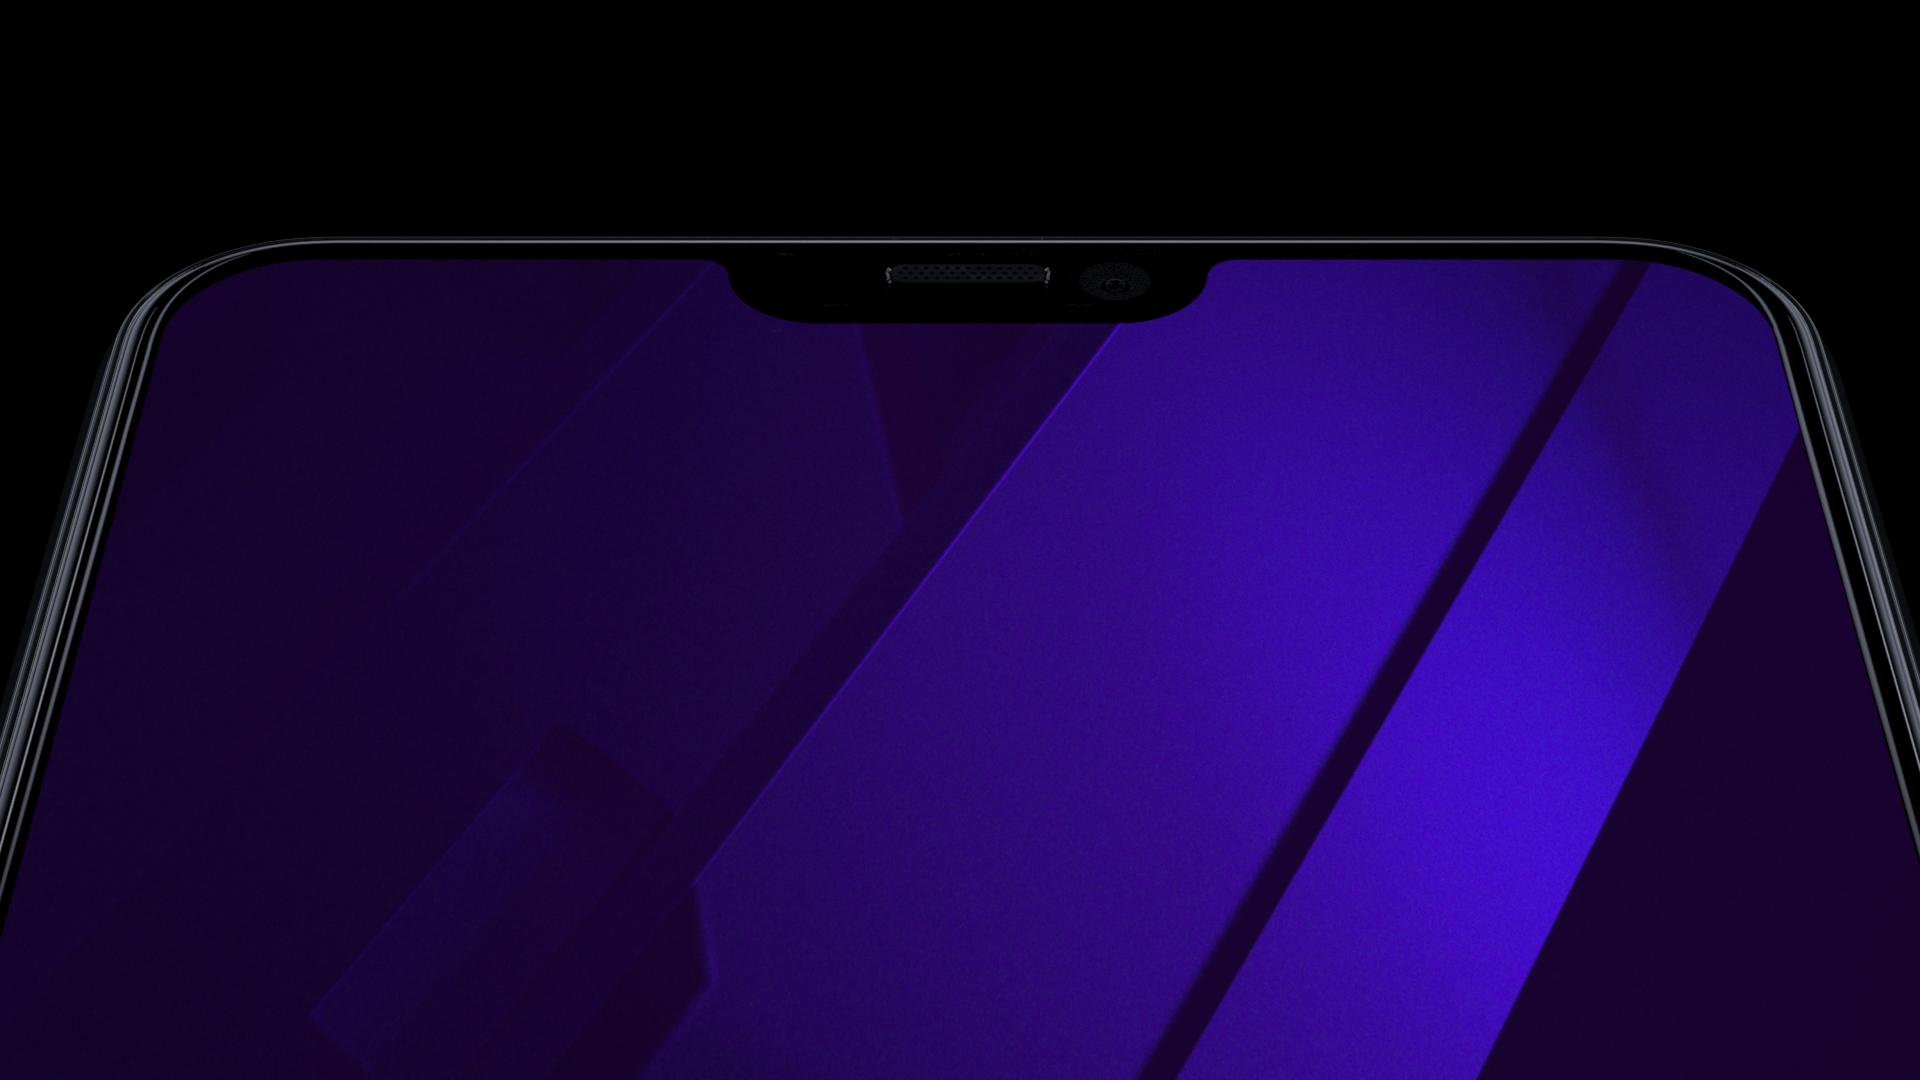 查看《海外版VIVO x21外观创意视频》原图,原图尺寸:1920x1080